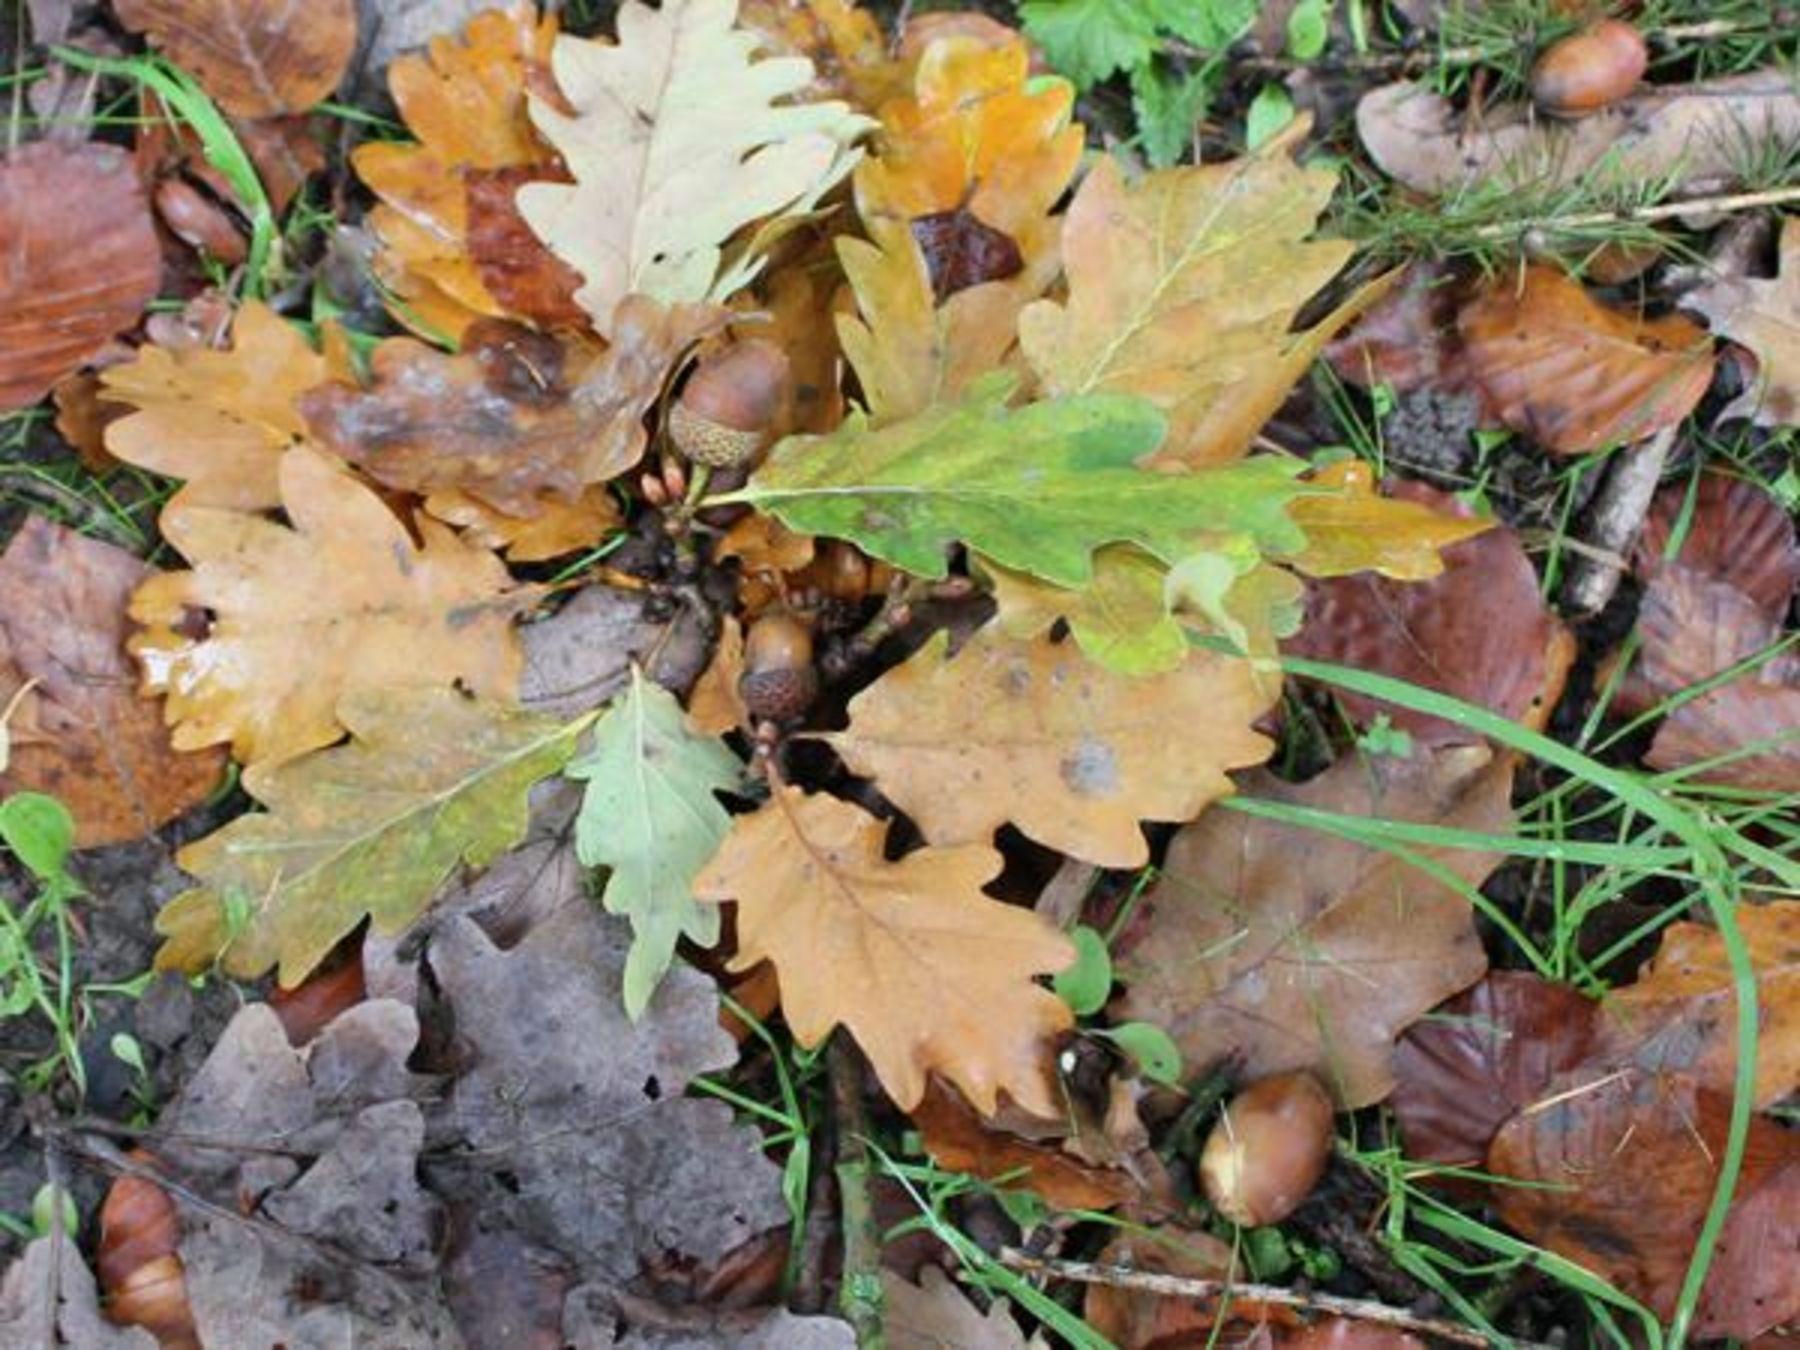 Was Tut Sich Im Herbst Im Wald Okoleo Umwelt Und Naturschutz Fur